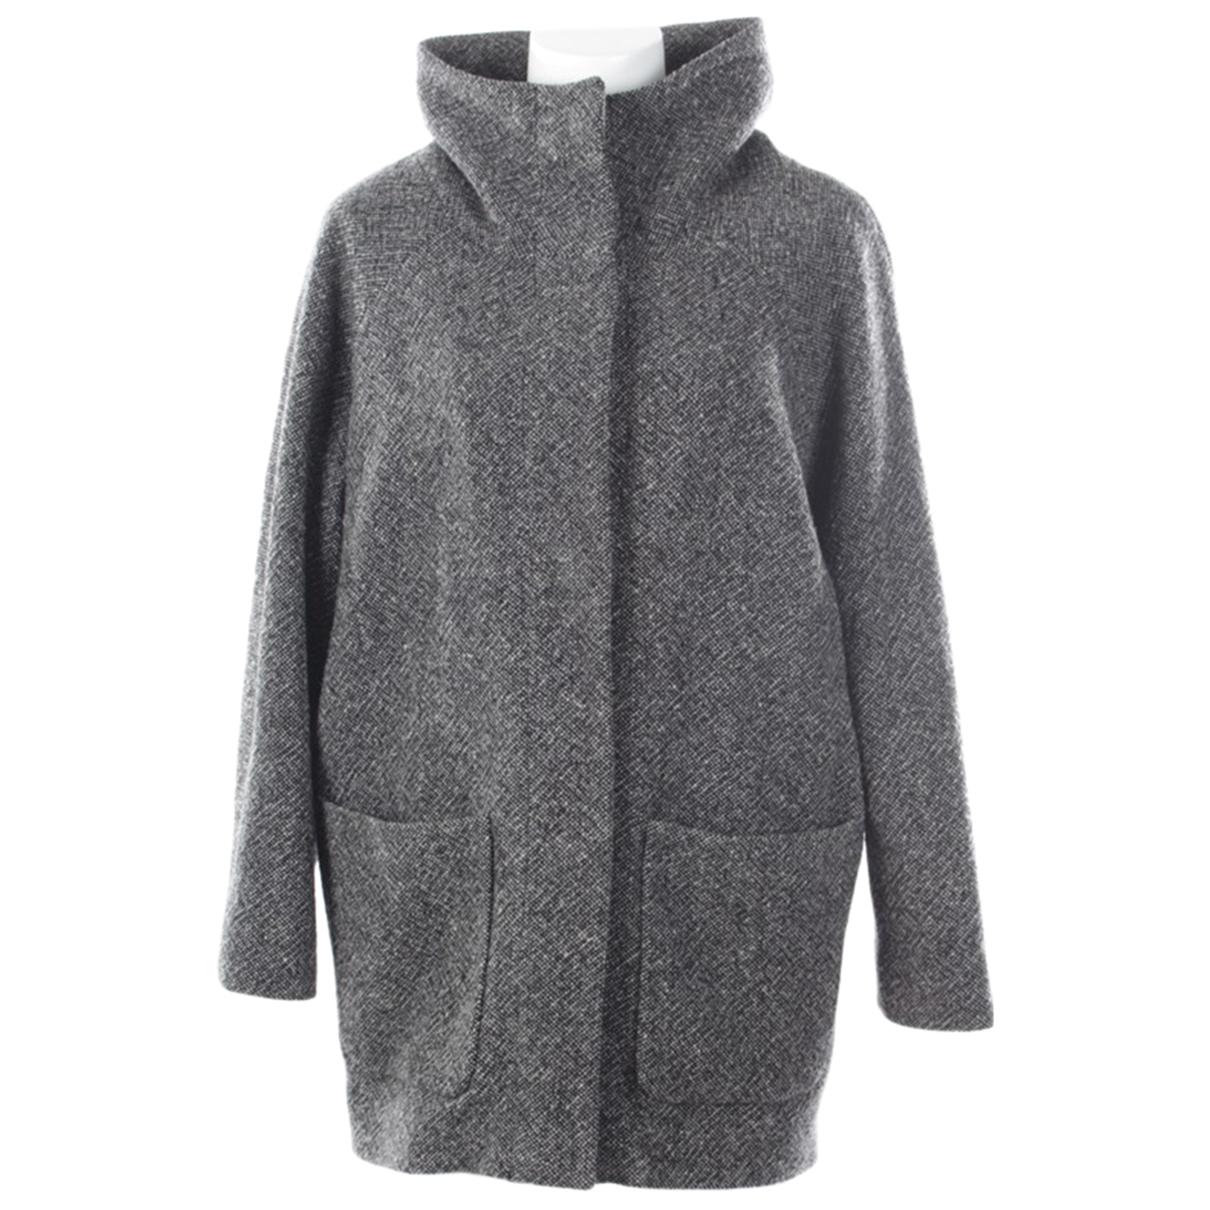 Drykorn \N Grey jacket for Women 36 FR